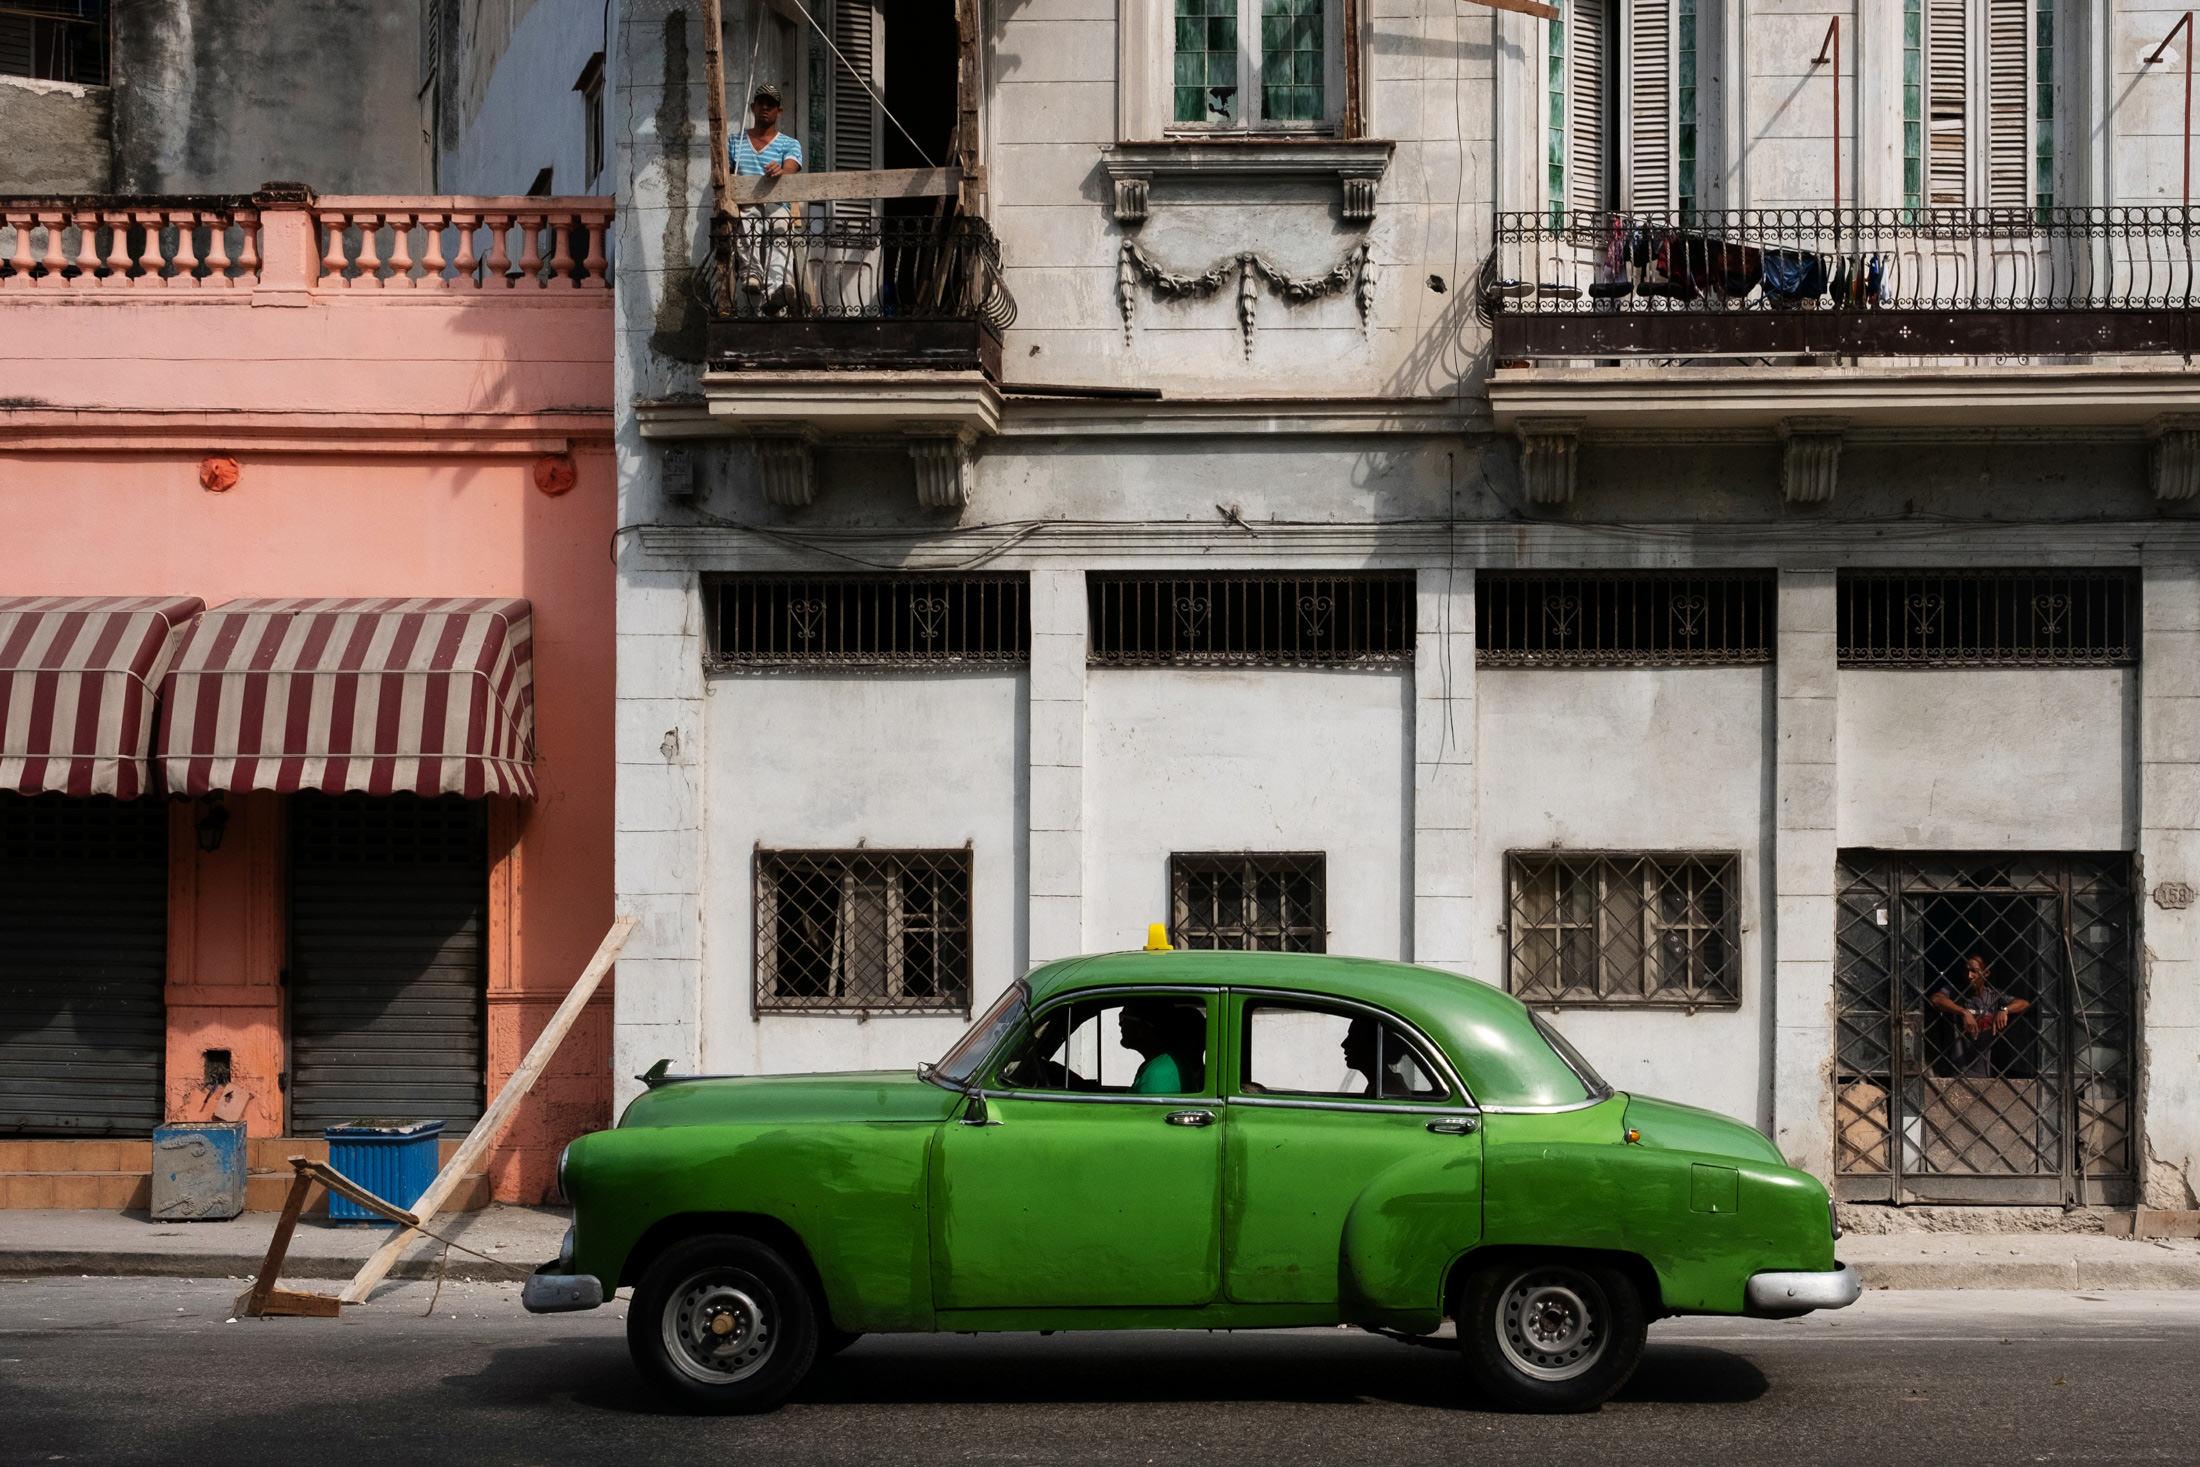 green car in a Cuban scene